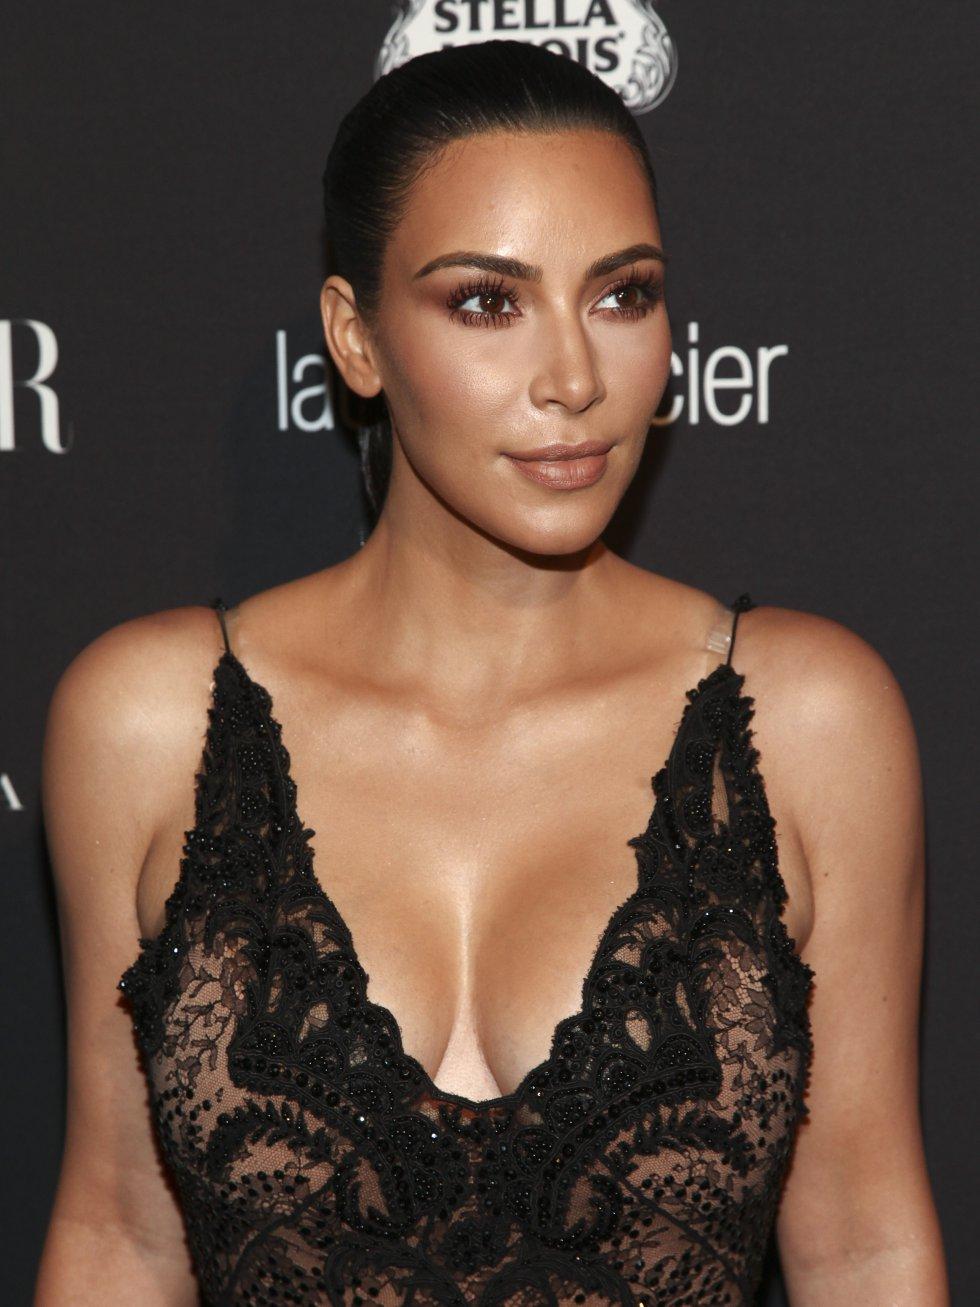 En una foto de Instagram mostró las joyas que utilizó en este evento en las que estaba un anillo que le regalo su esposo Kanye West, que cuenta alrededor de 10 millones de dólares. Este fue uno de los accesorios que se robaron en el hotel.